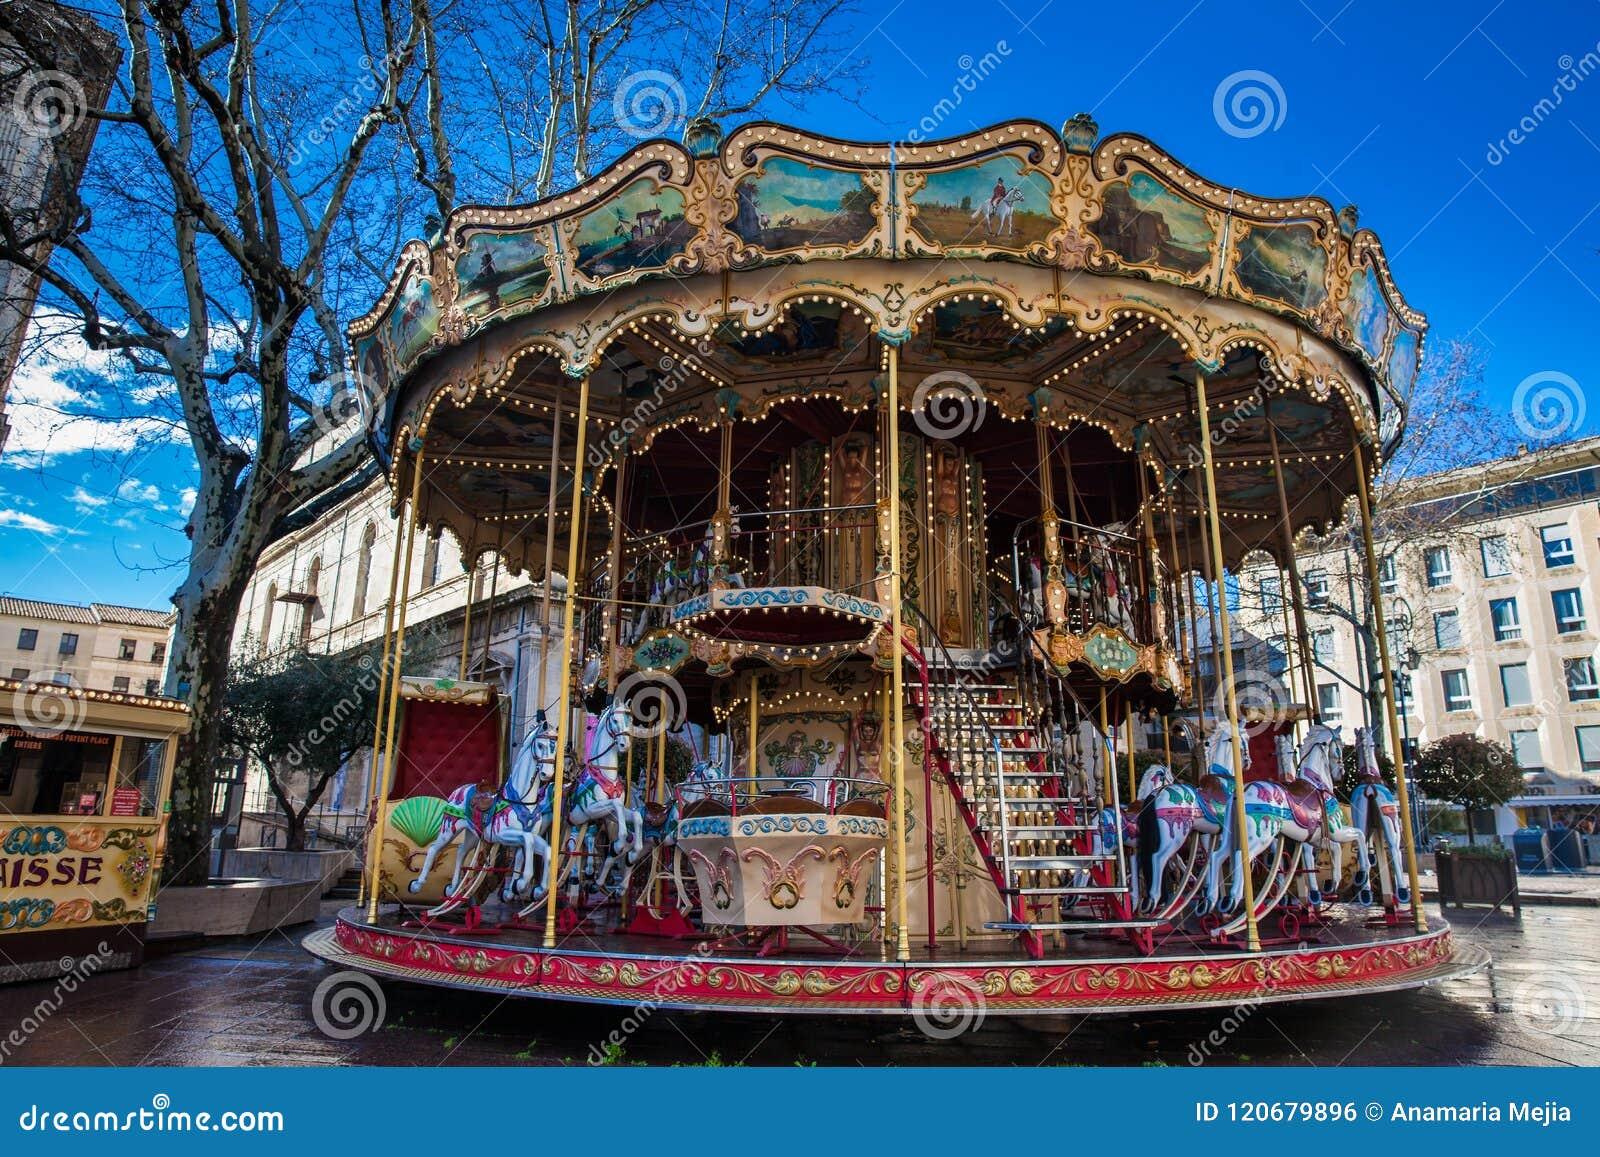 Fransk gammalmodig stilkarusell med trappa på stället de Horloge i Avignon Frankrike